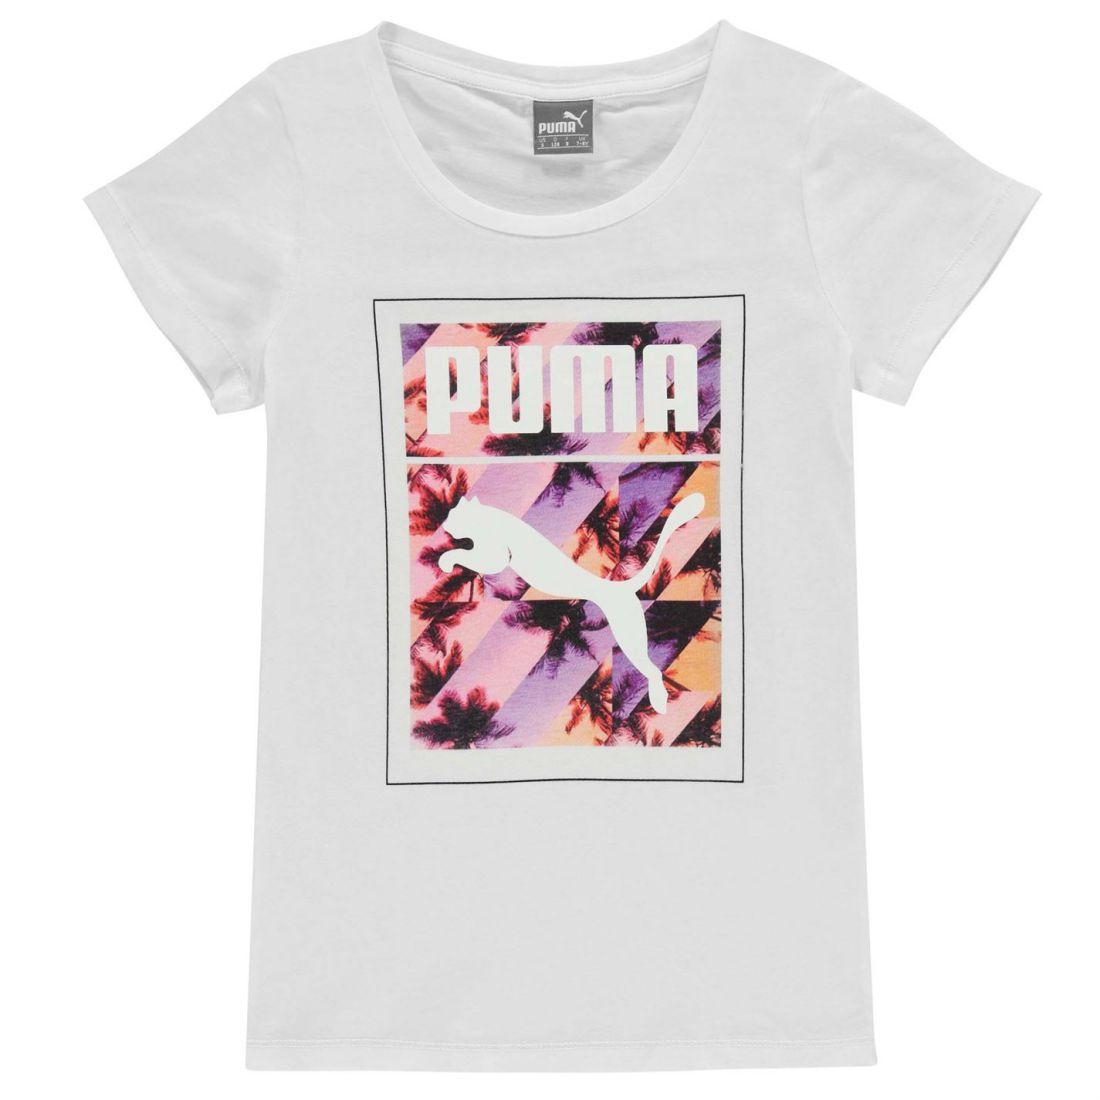 d401439d36 Puma Kids California T Shirt Junior Girls Casual Short Sleeve Crew Neck Tee  | eBay